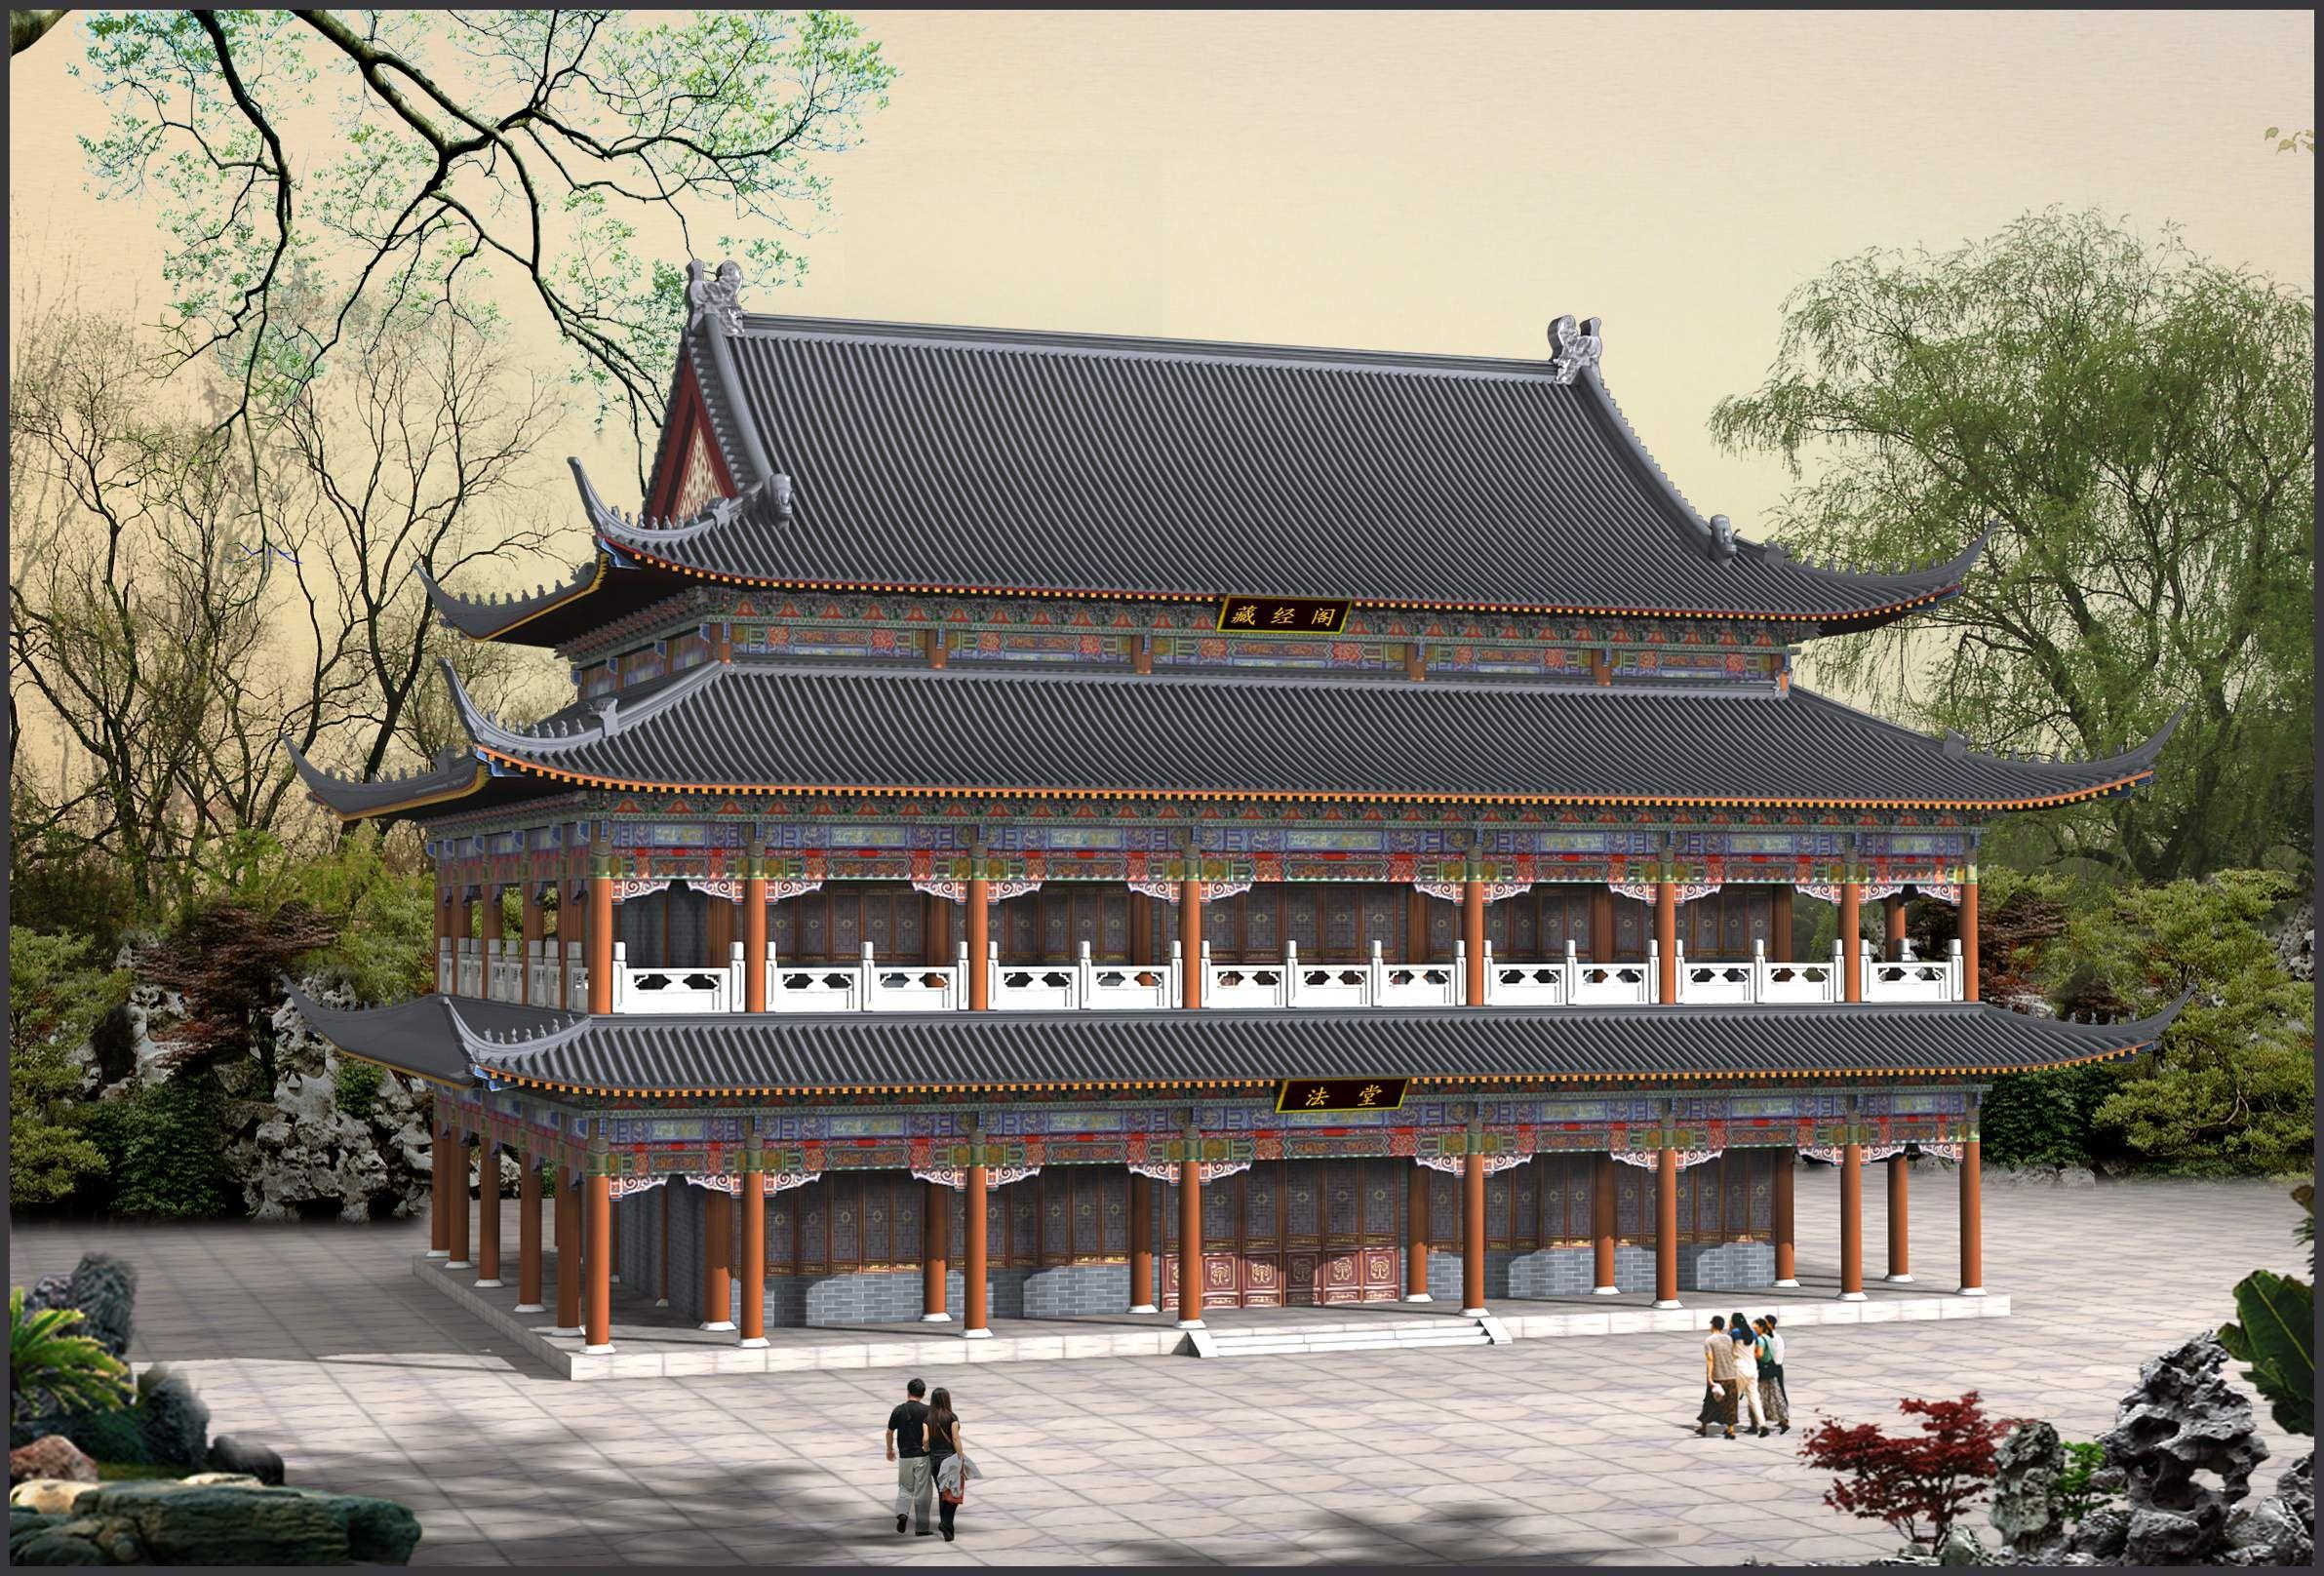 中国古建筑效果图_中国古建筑物效果图_建筑模型